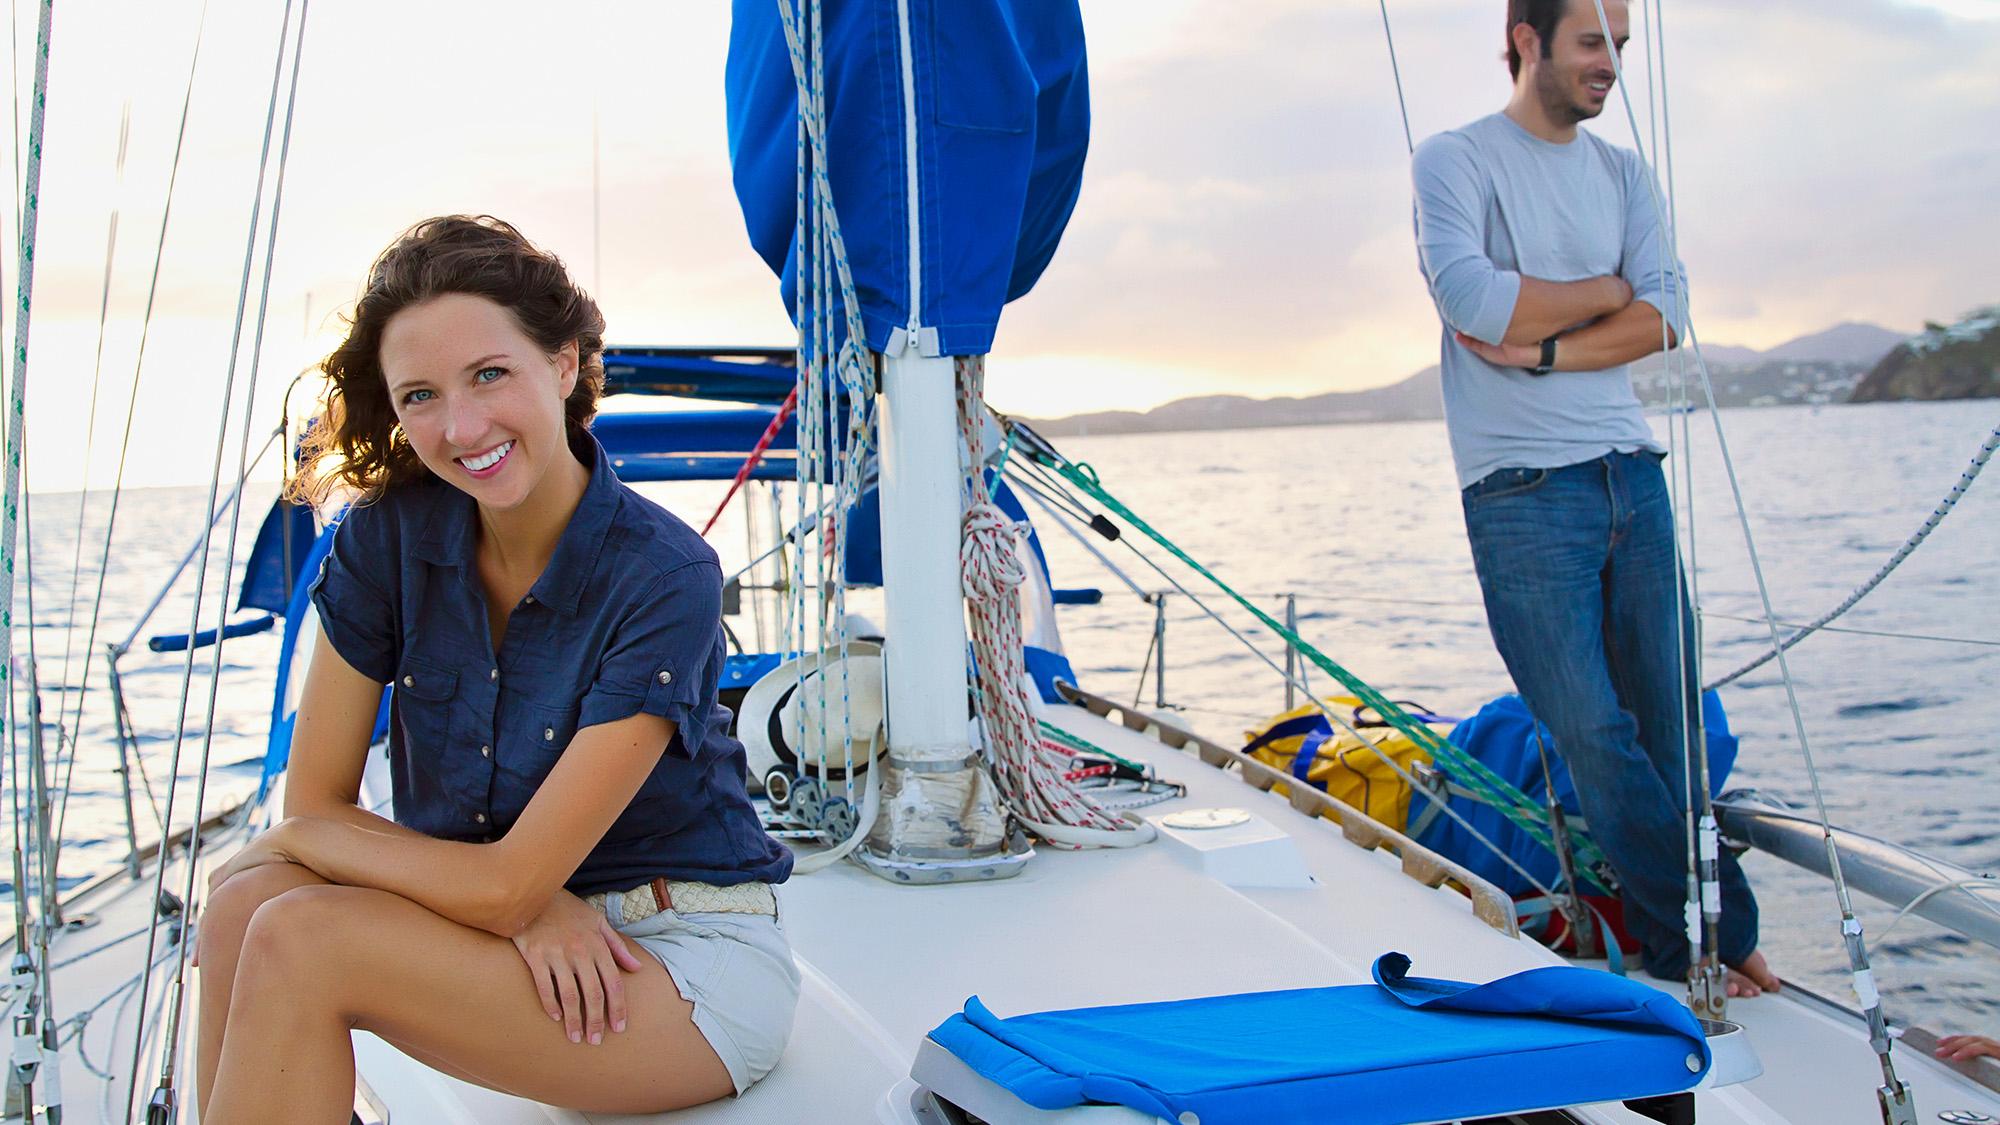 Kimberly Joy lifestyle photo